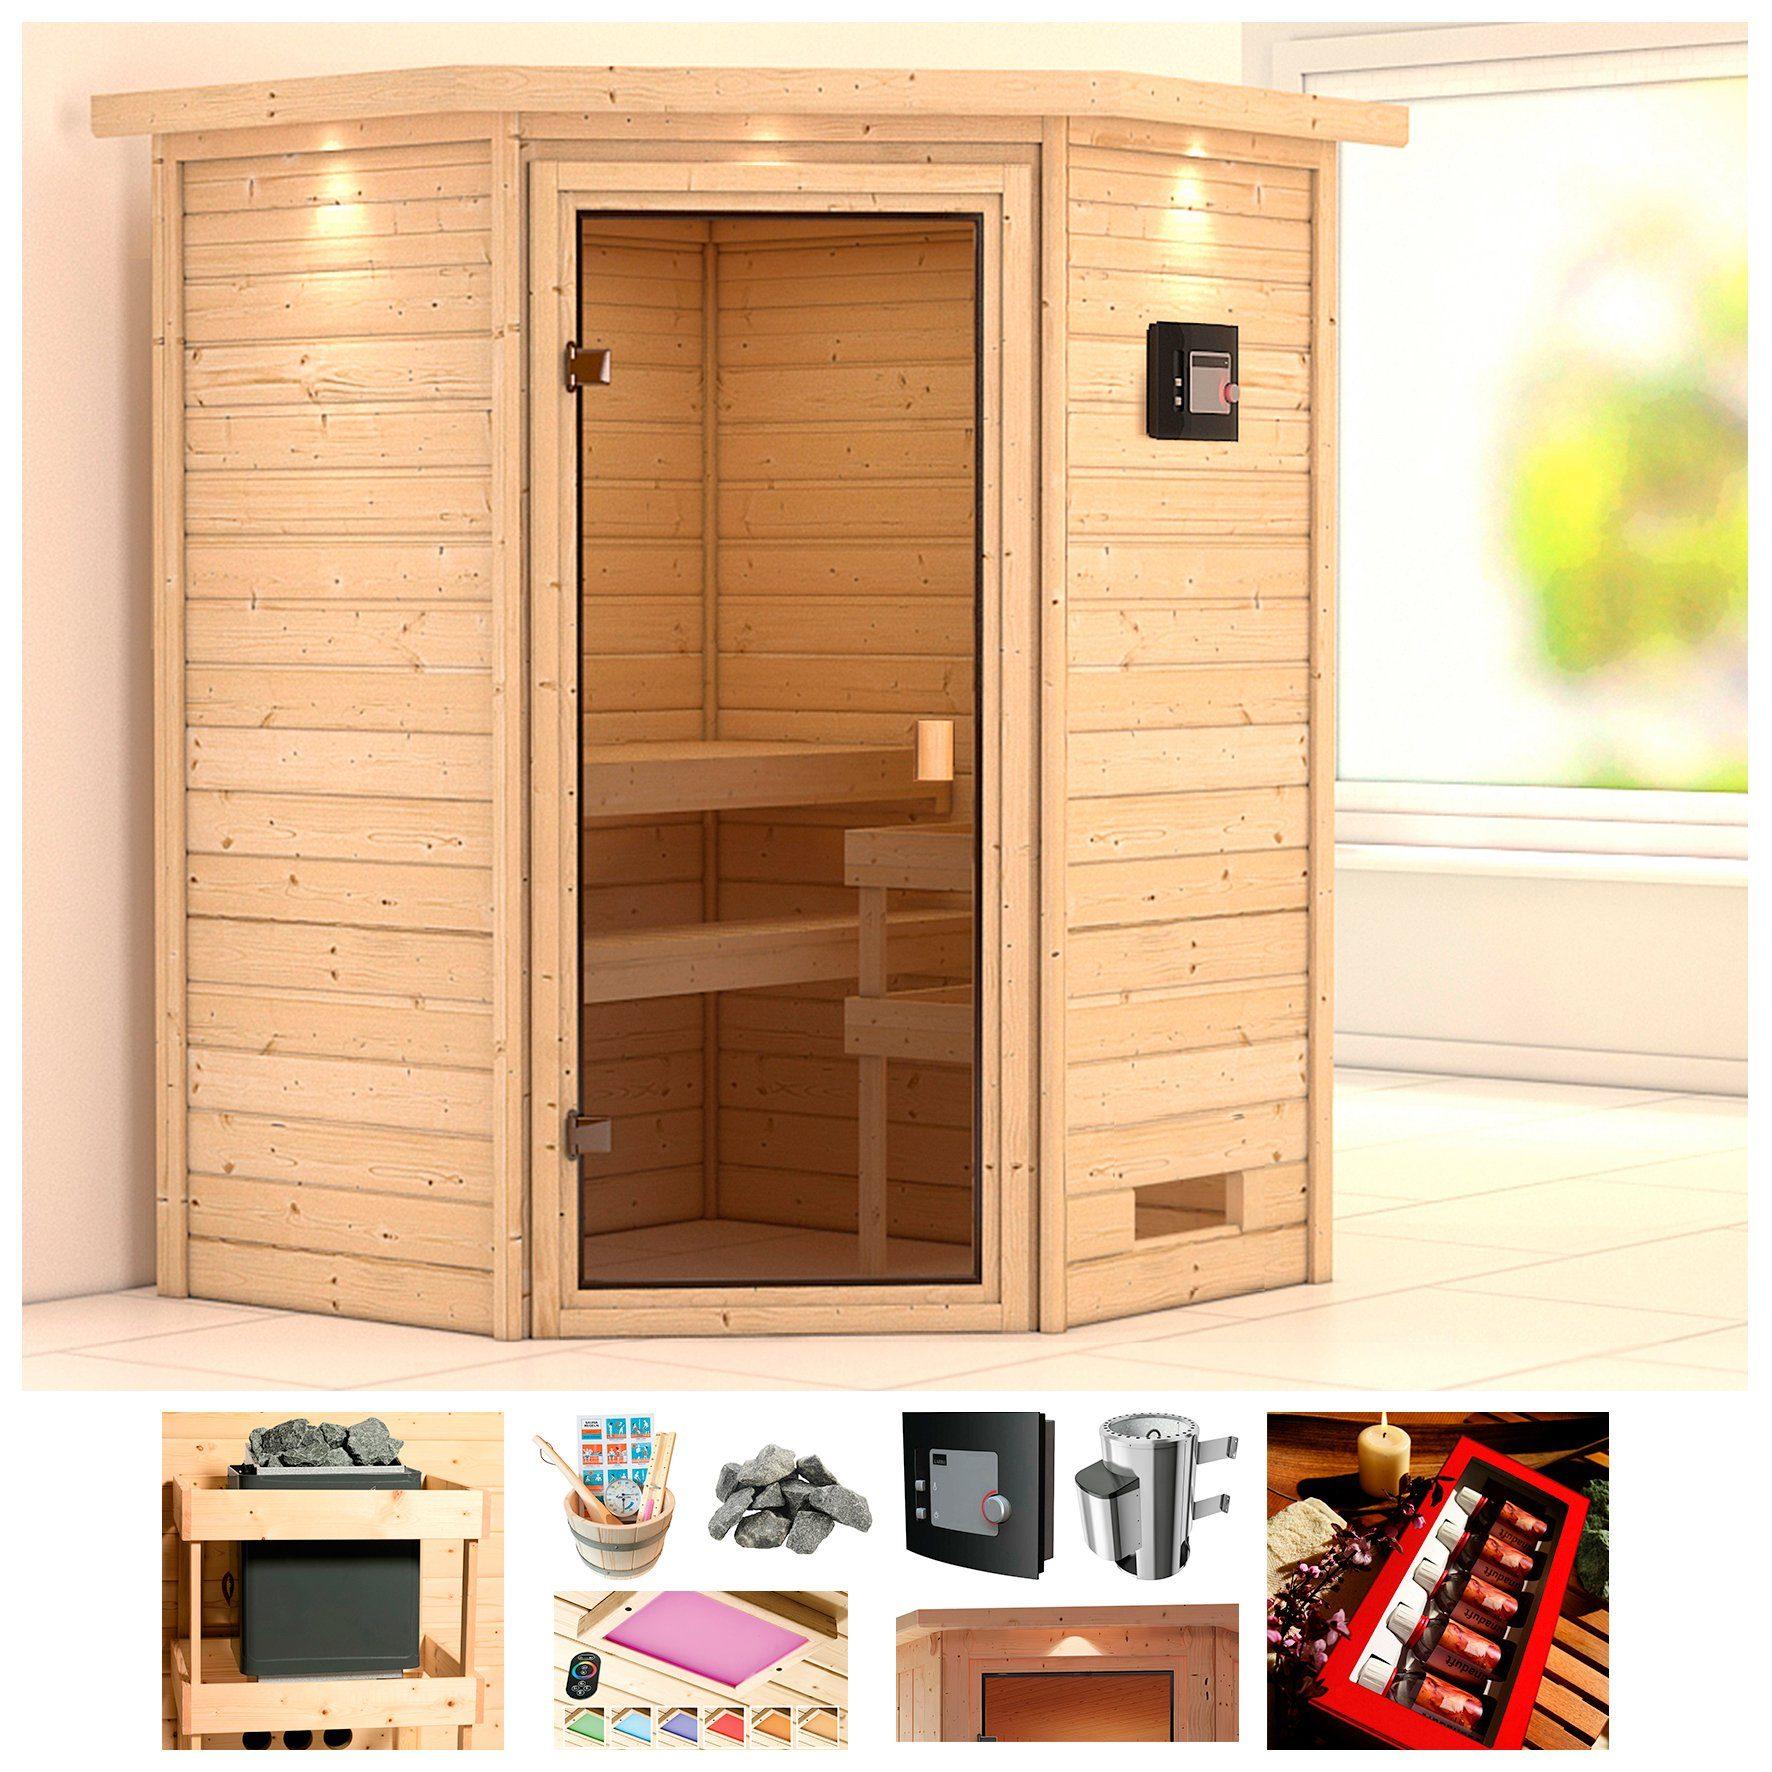 KONIFERA Sauna »Rügen«, BxTxH: 174x160x191 cm, 3,6 kW Ofen mit ext. Steuerung